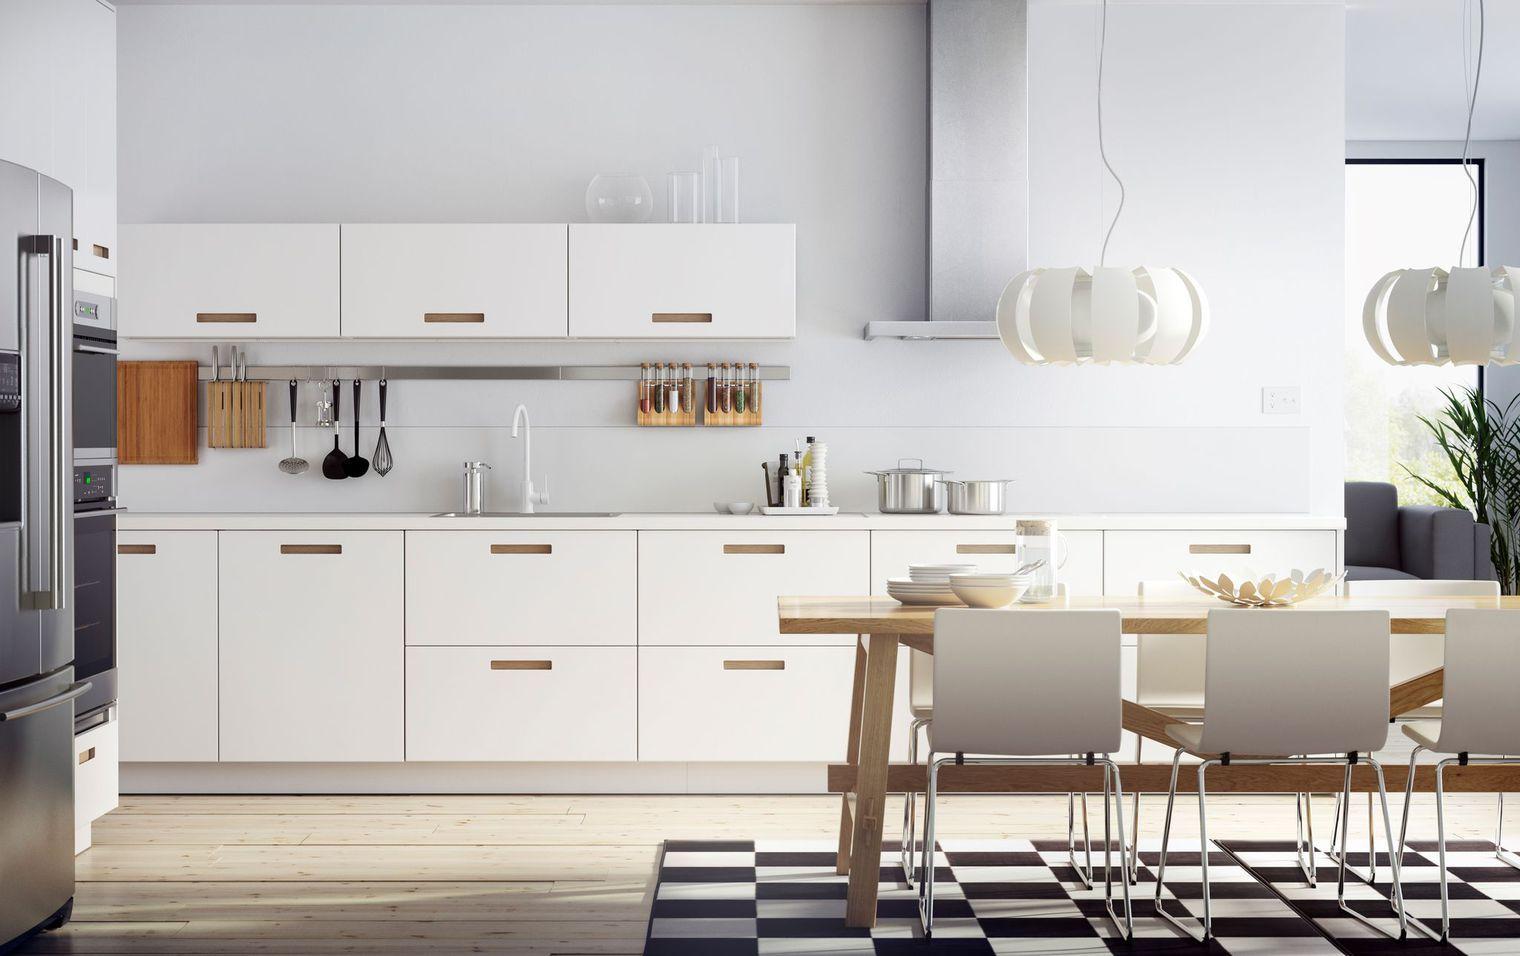 Cuisine blanche : 13 photos de cuisinistes | Kitchens